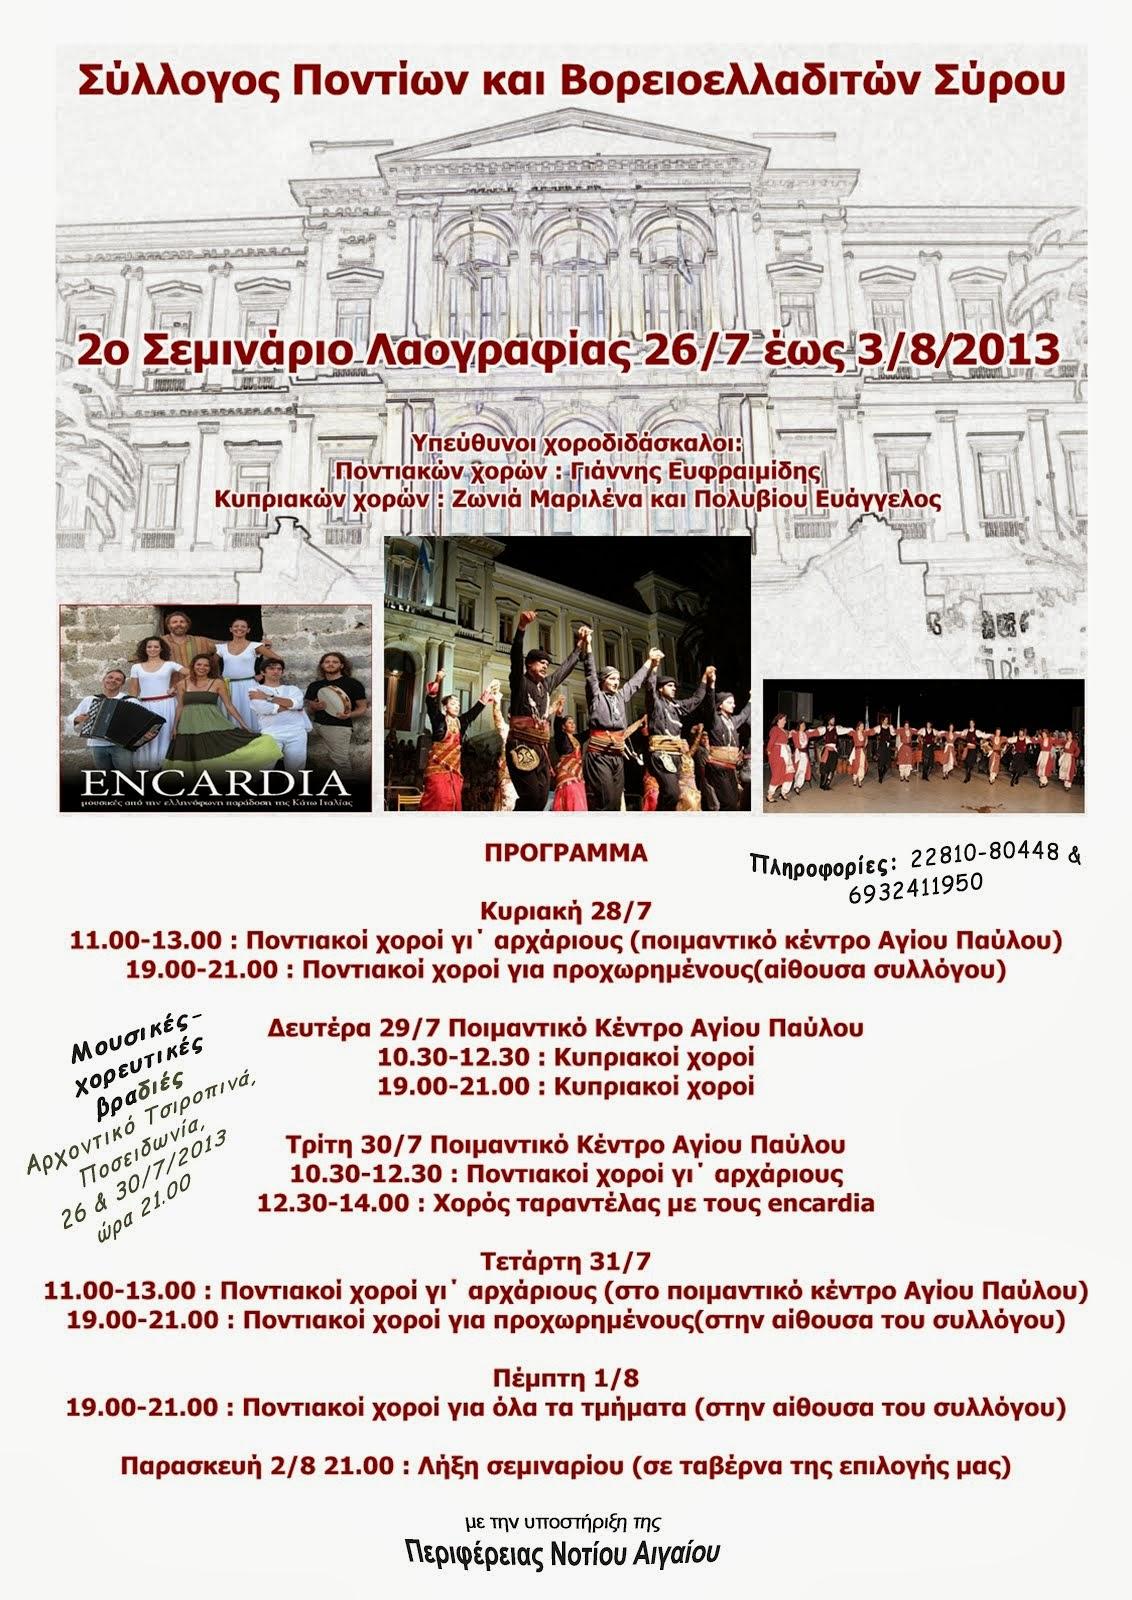 2ο Σεμινάριο Λαογραφίας. Μαθήματα χορών από Πόντο-Κύπρο-Ελληνόφωνη παράδοση Κάτω Ιταλίας